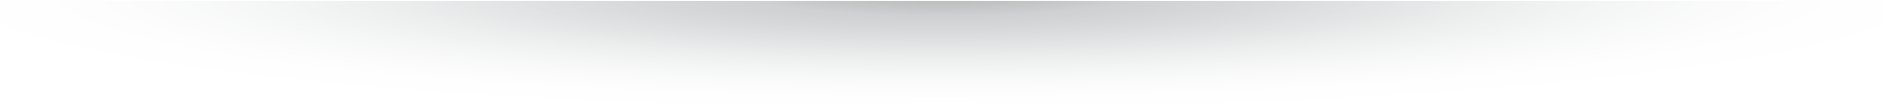 underline-divider02